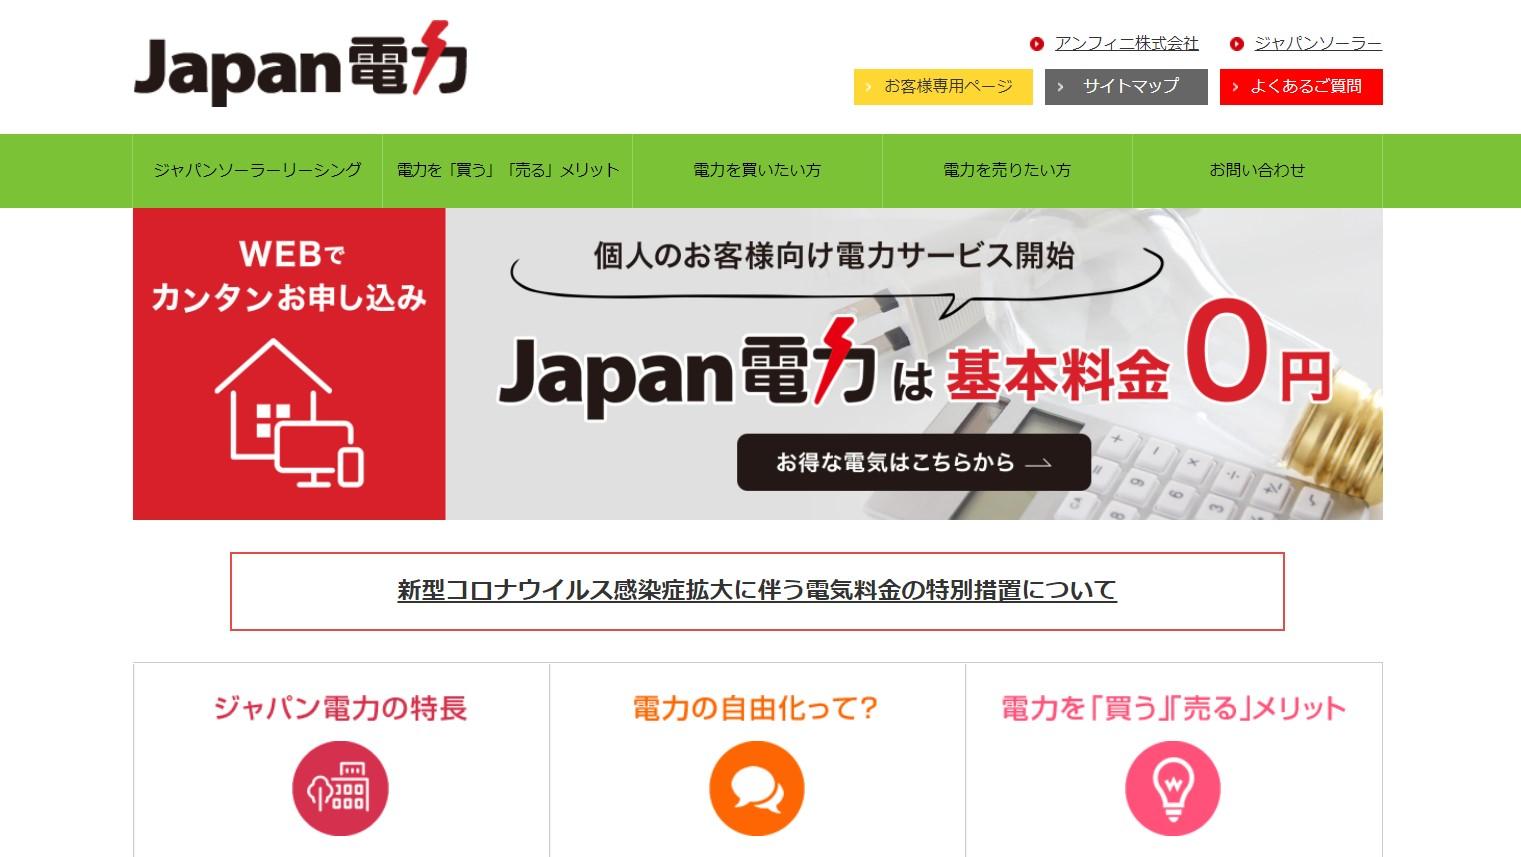 Japan電力のメリット・デメリットについて詳しく紹介します!